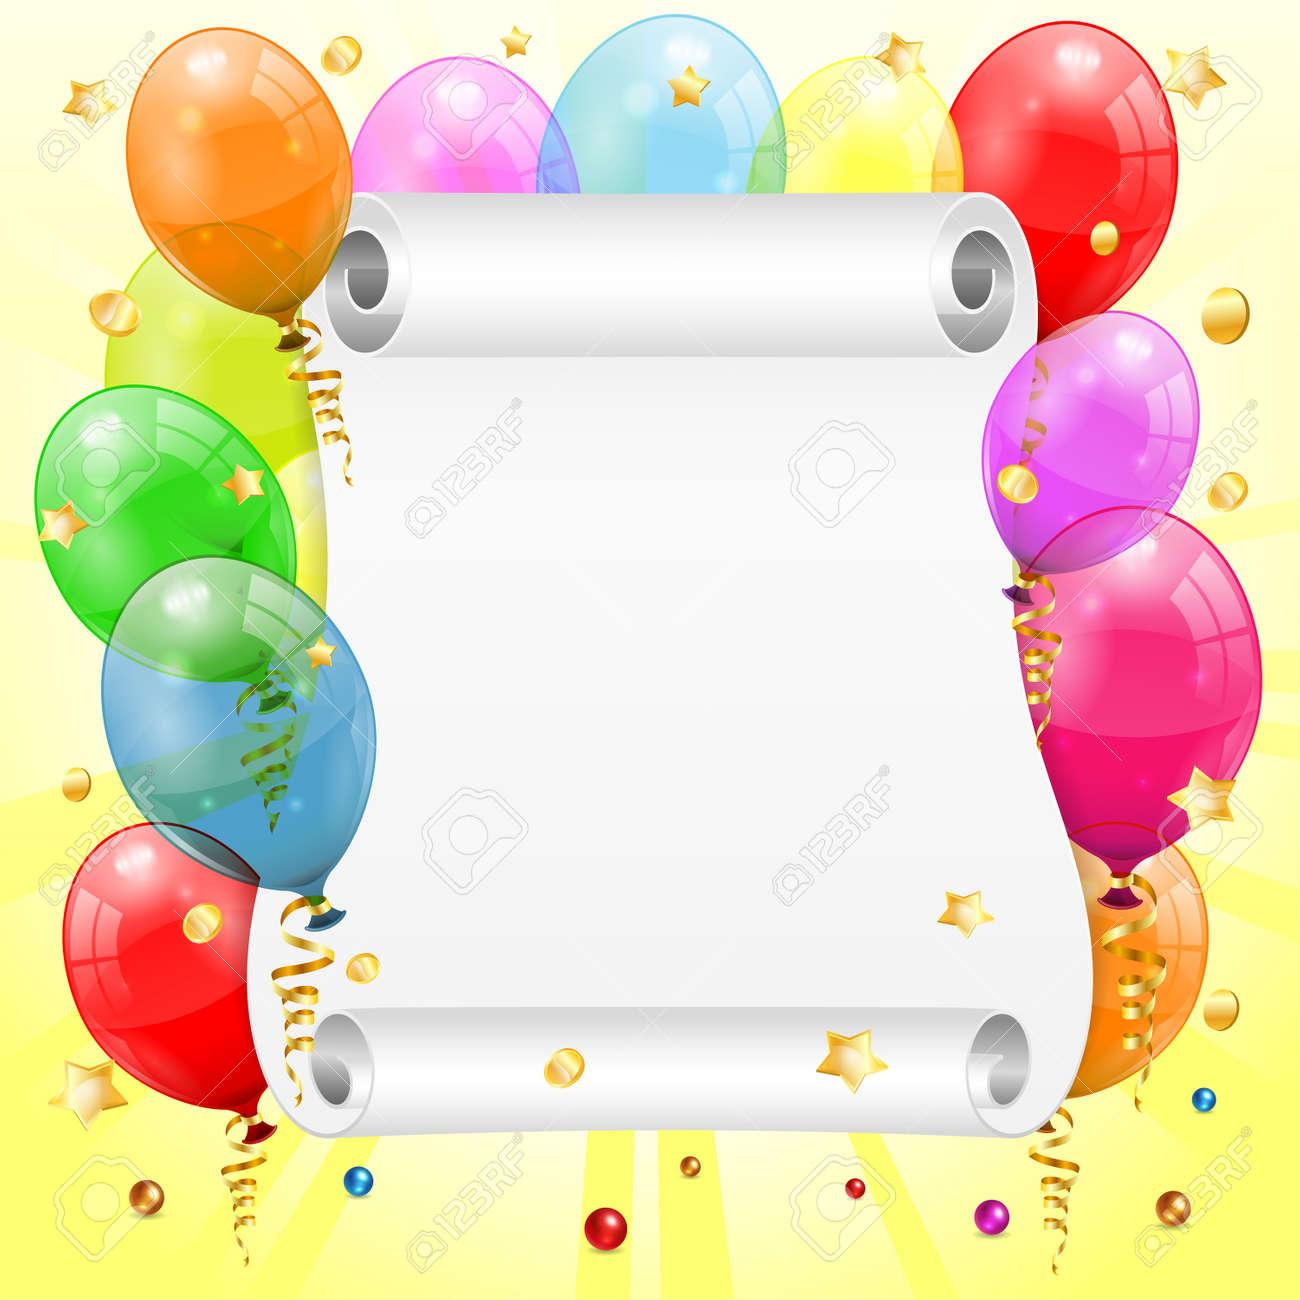 Cadre Anniversaire cadre d'anniversaire avec 3d ballons d'anniversaire transparent